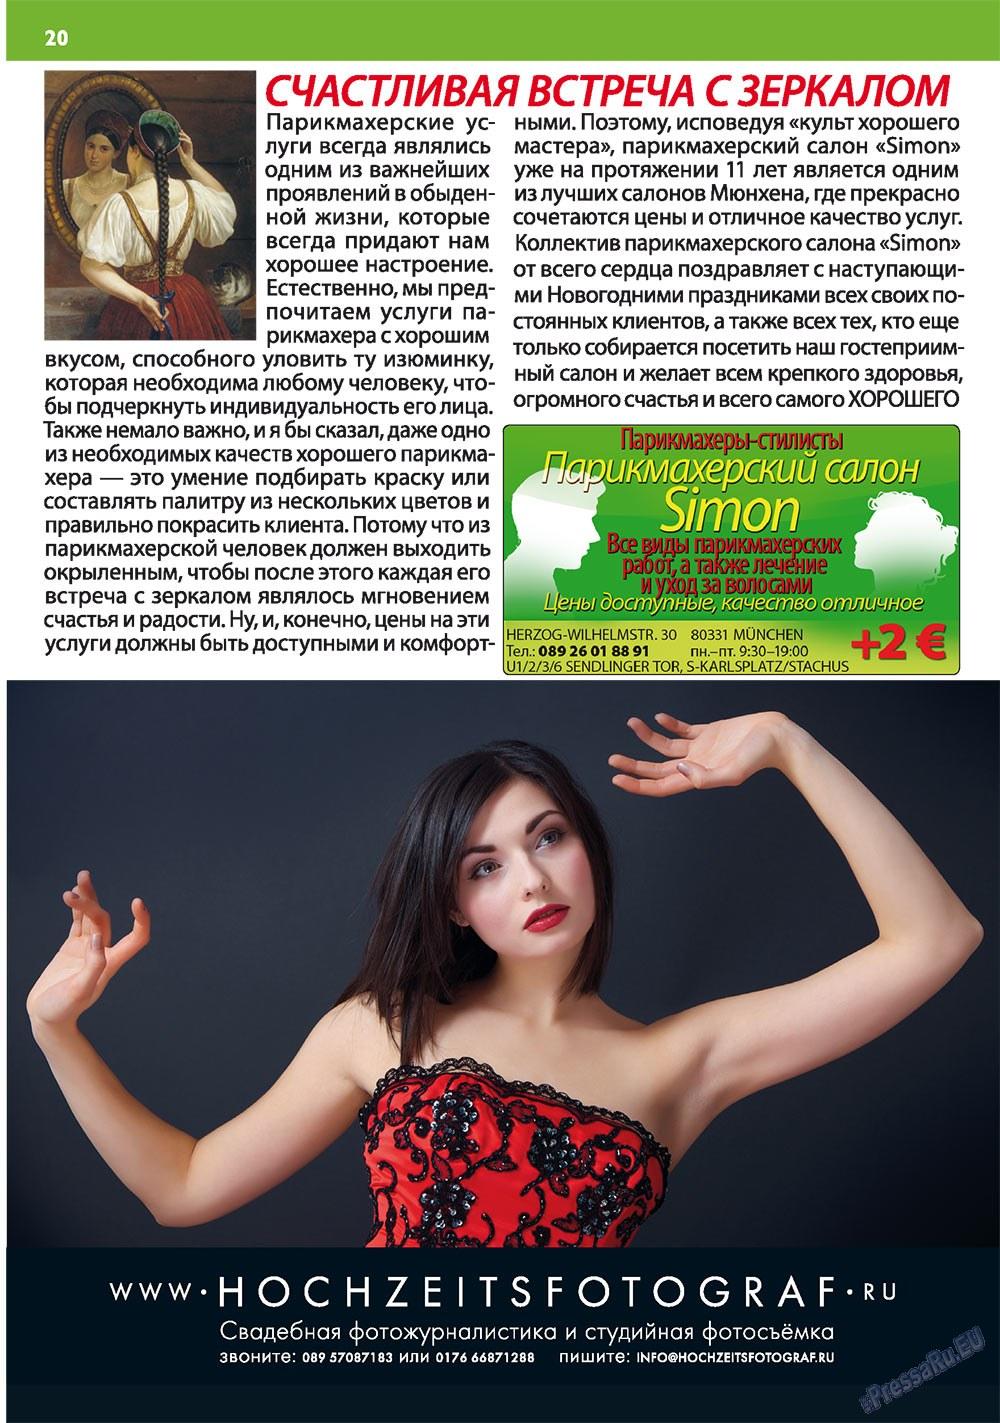 Апельсин (журнал). 2010 год, номер 17, стр. 20